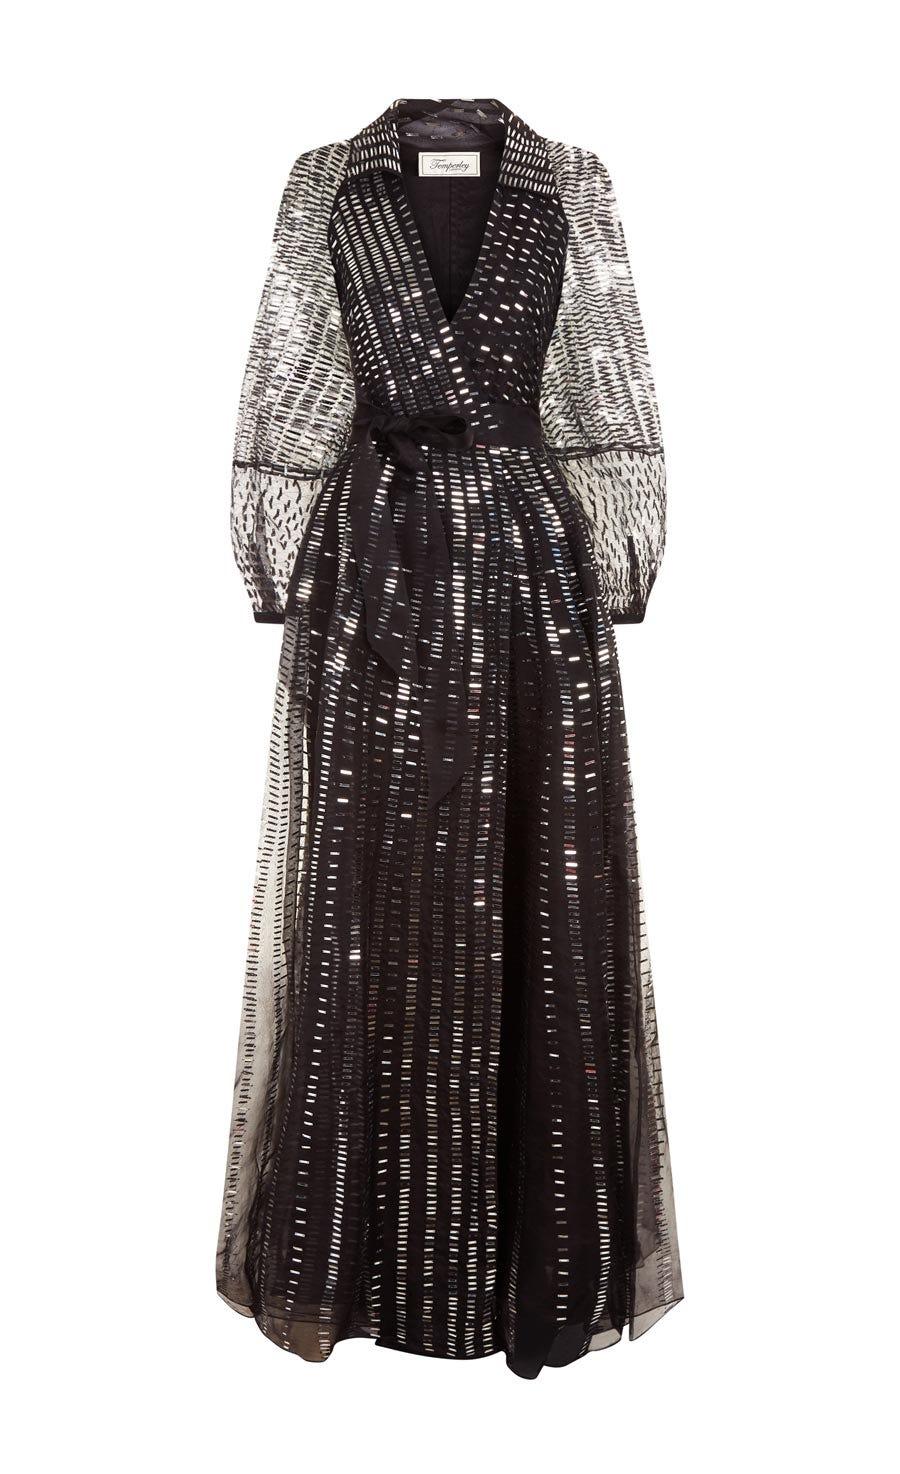 Jet Sequin Dress